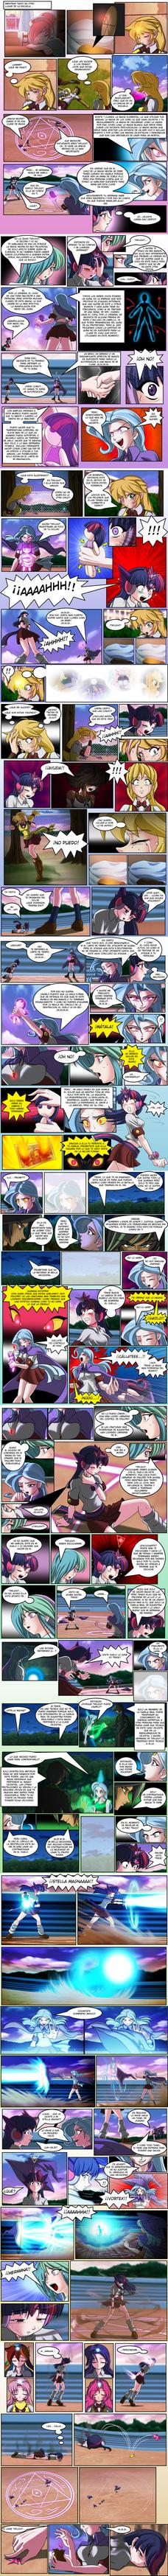 la magia de la amistad 08 parte 6 by mauroz